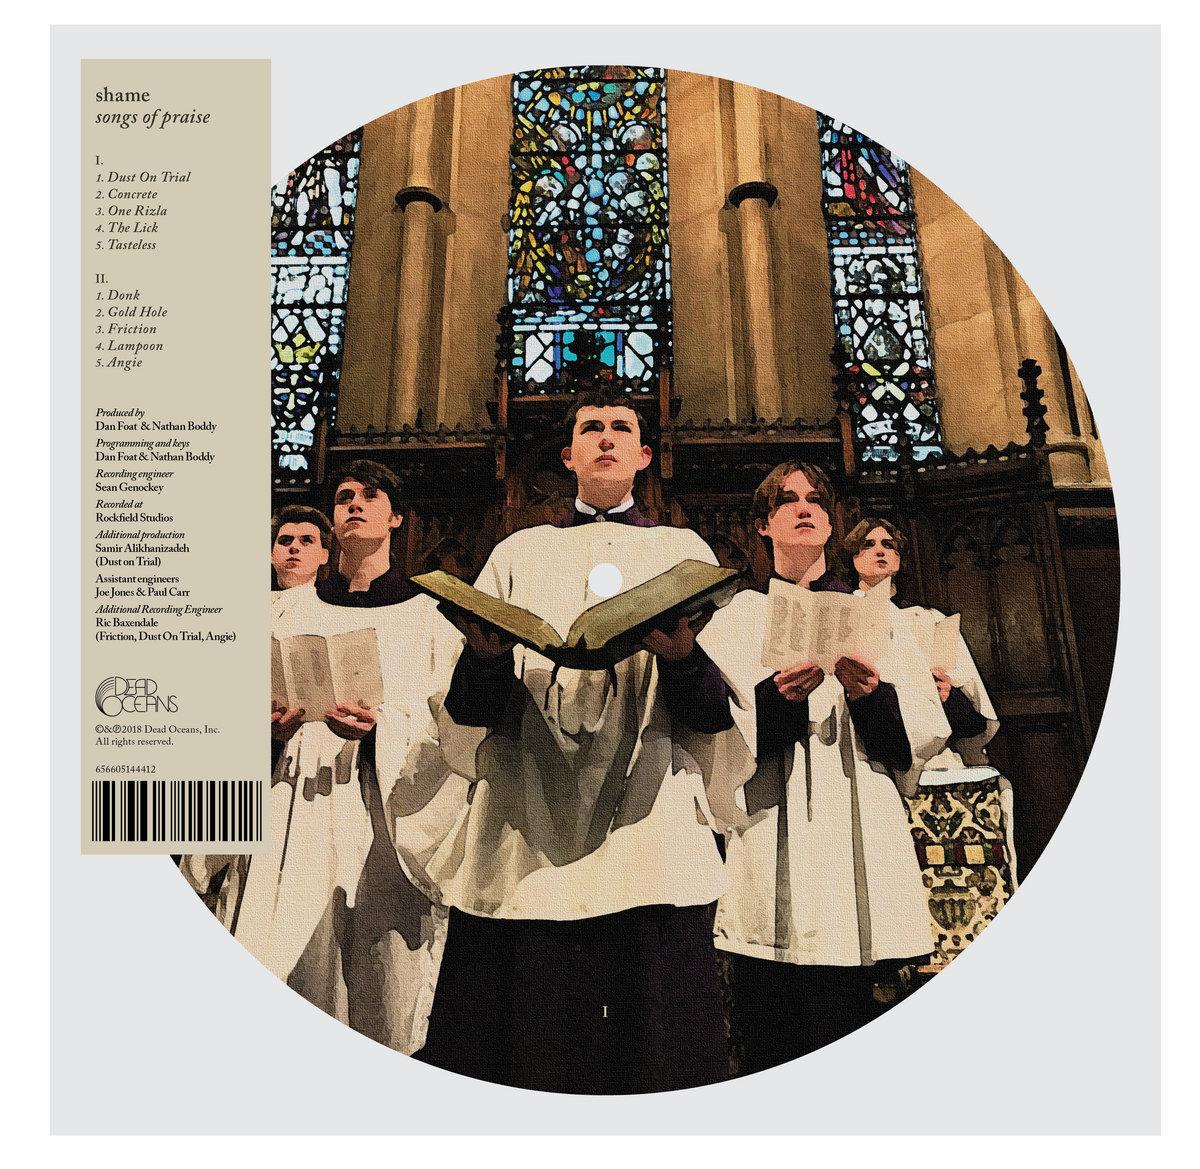 Songs of Praise   shame